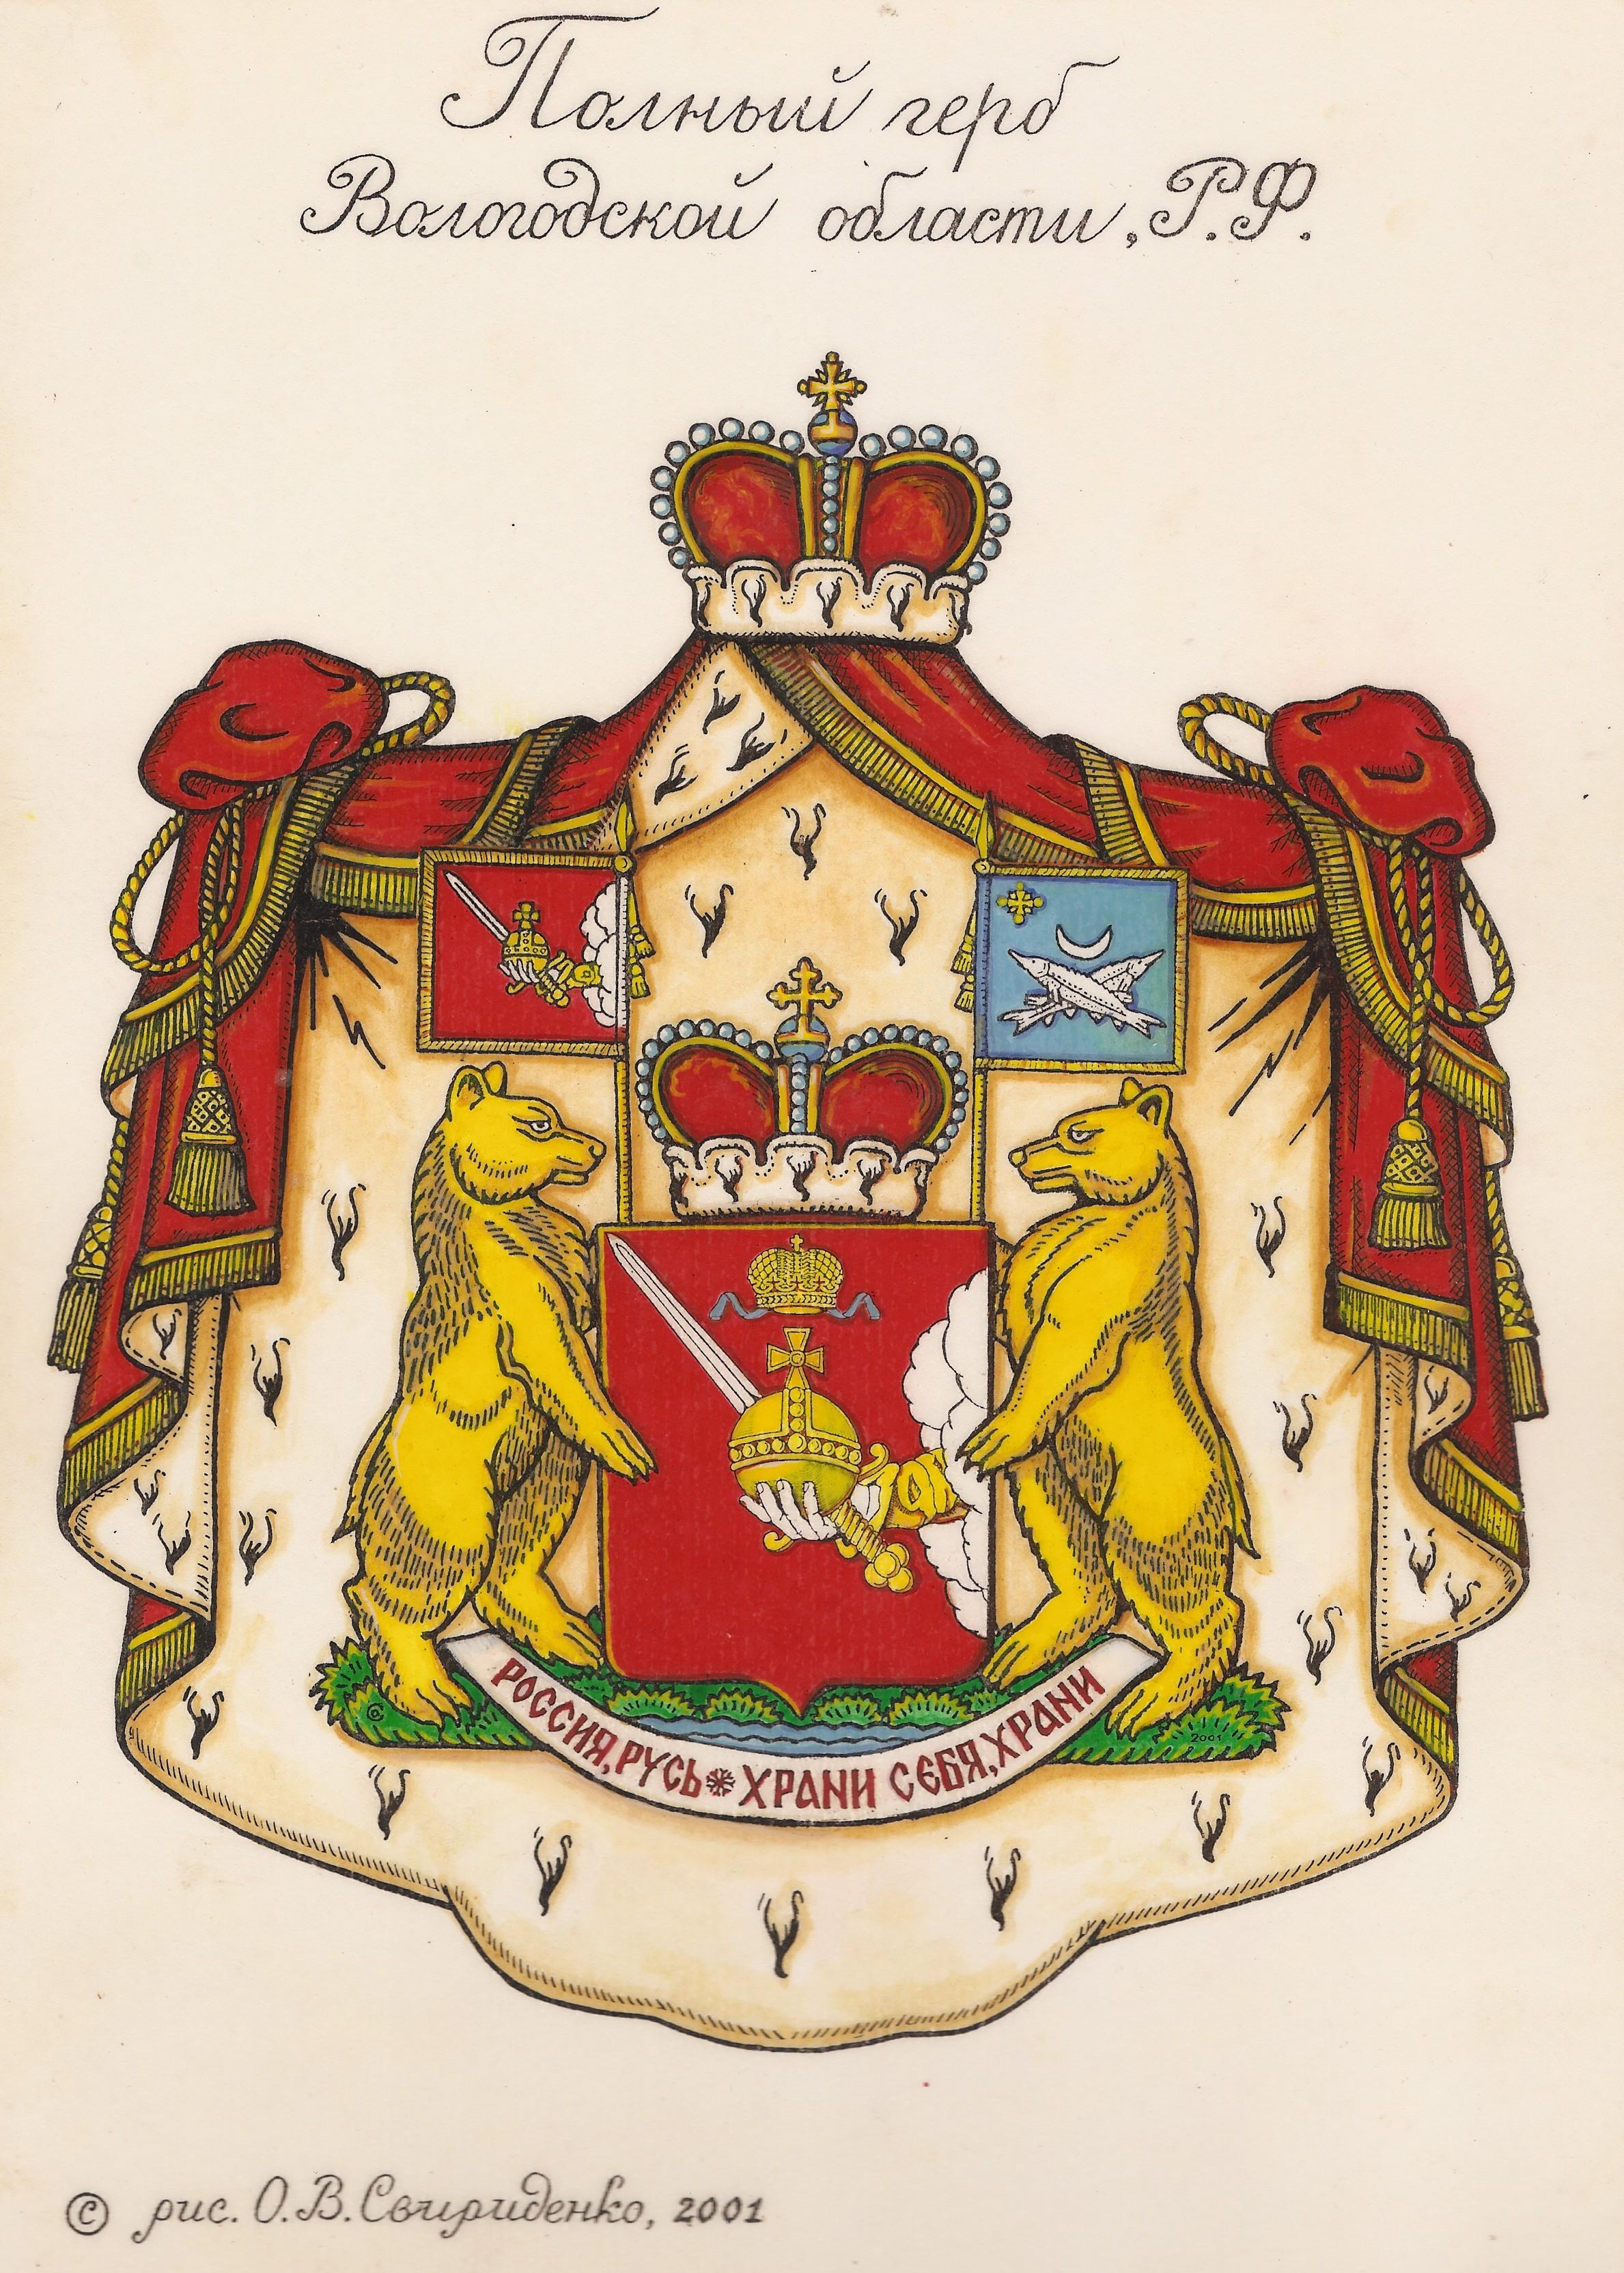 Проект Полного герба Вологодской области